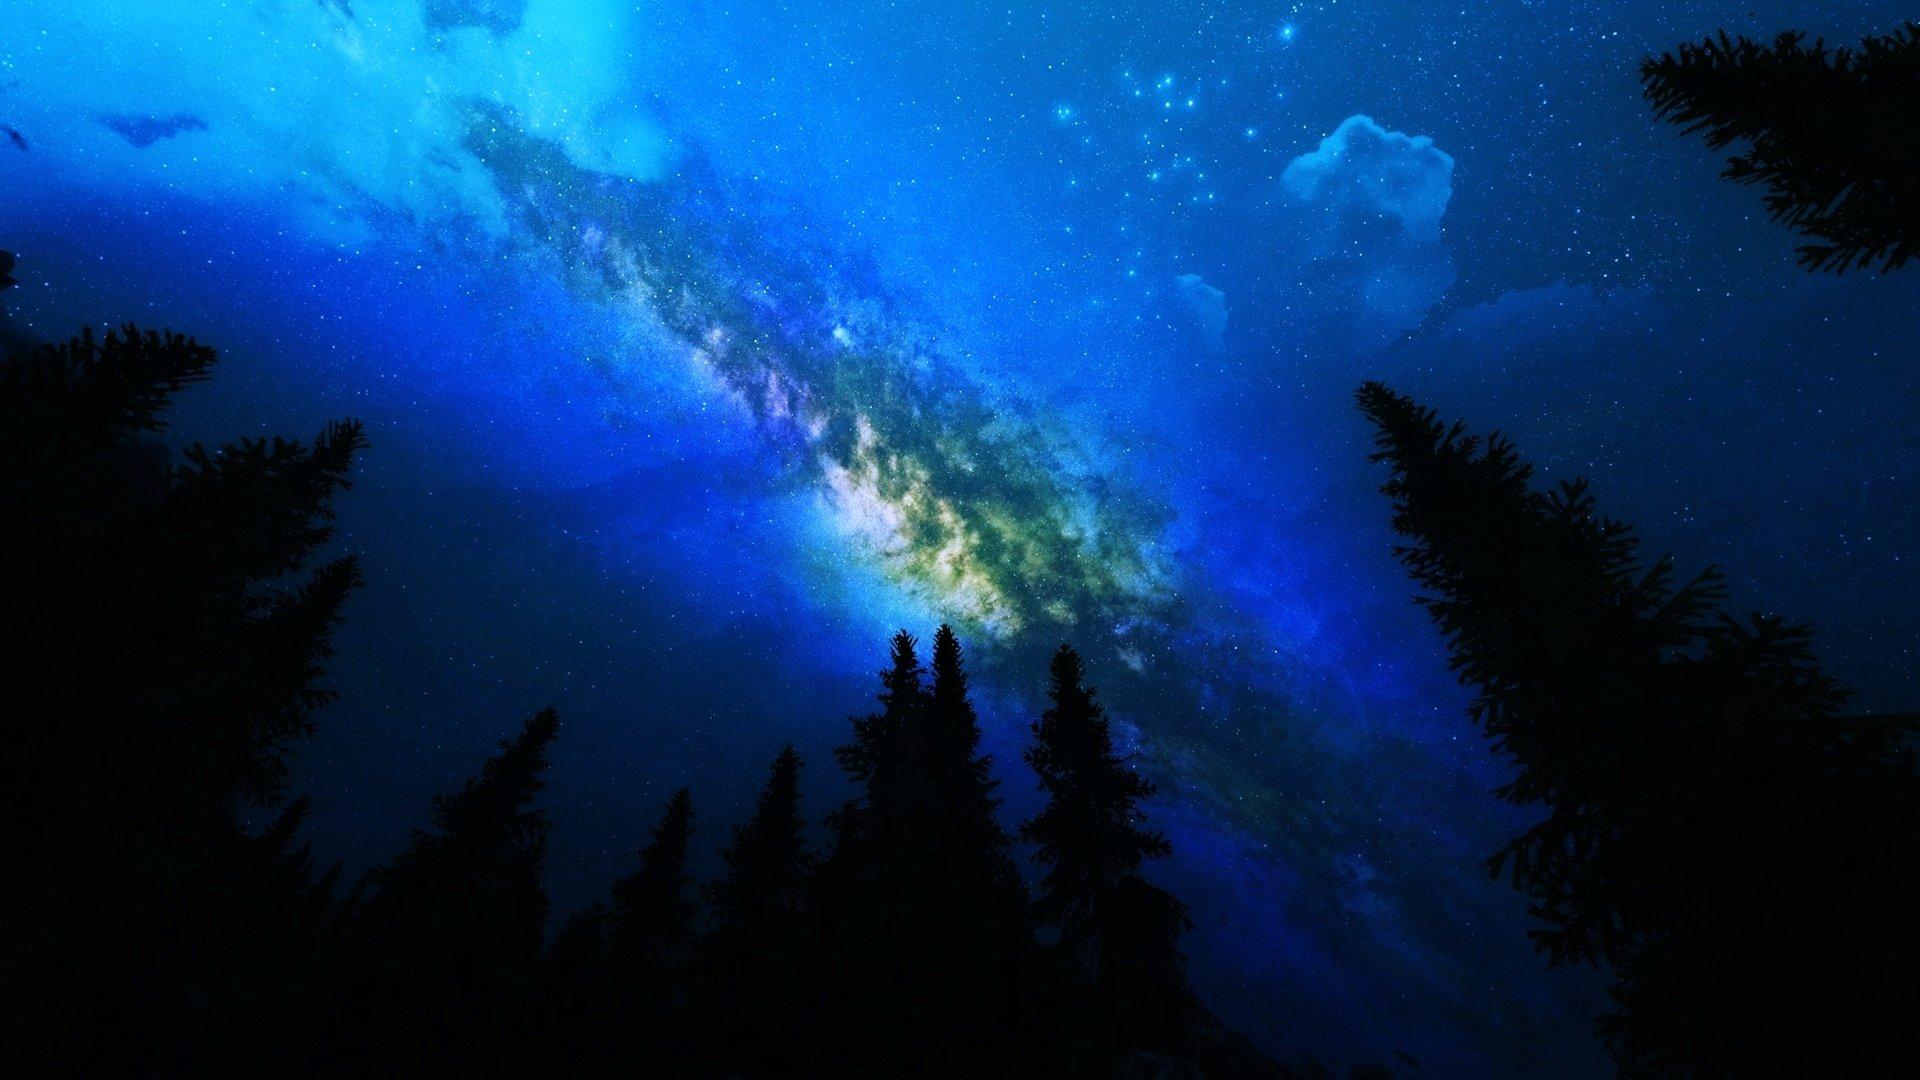 Sci Fi - Milky Way  Space Galaxy Landscape Sky Stars Wallpaper